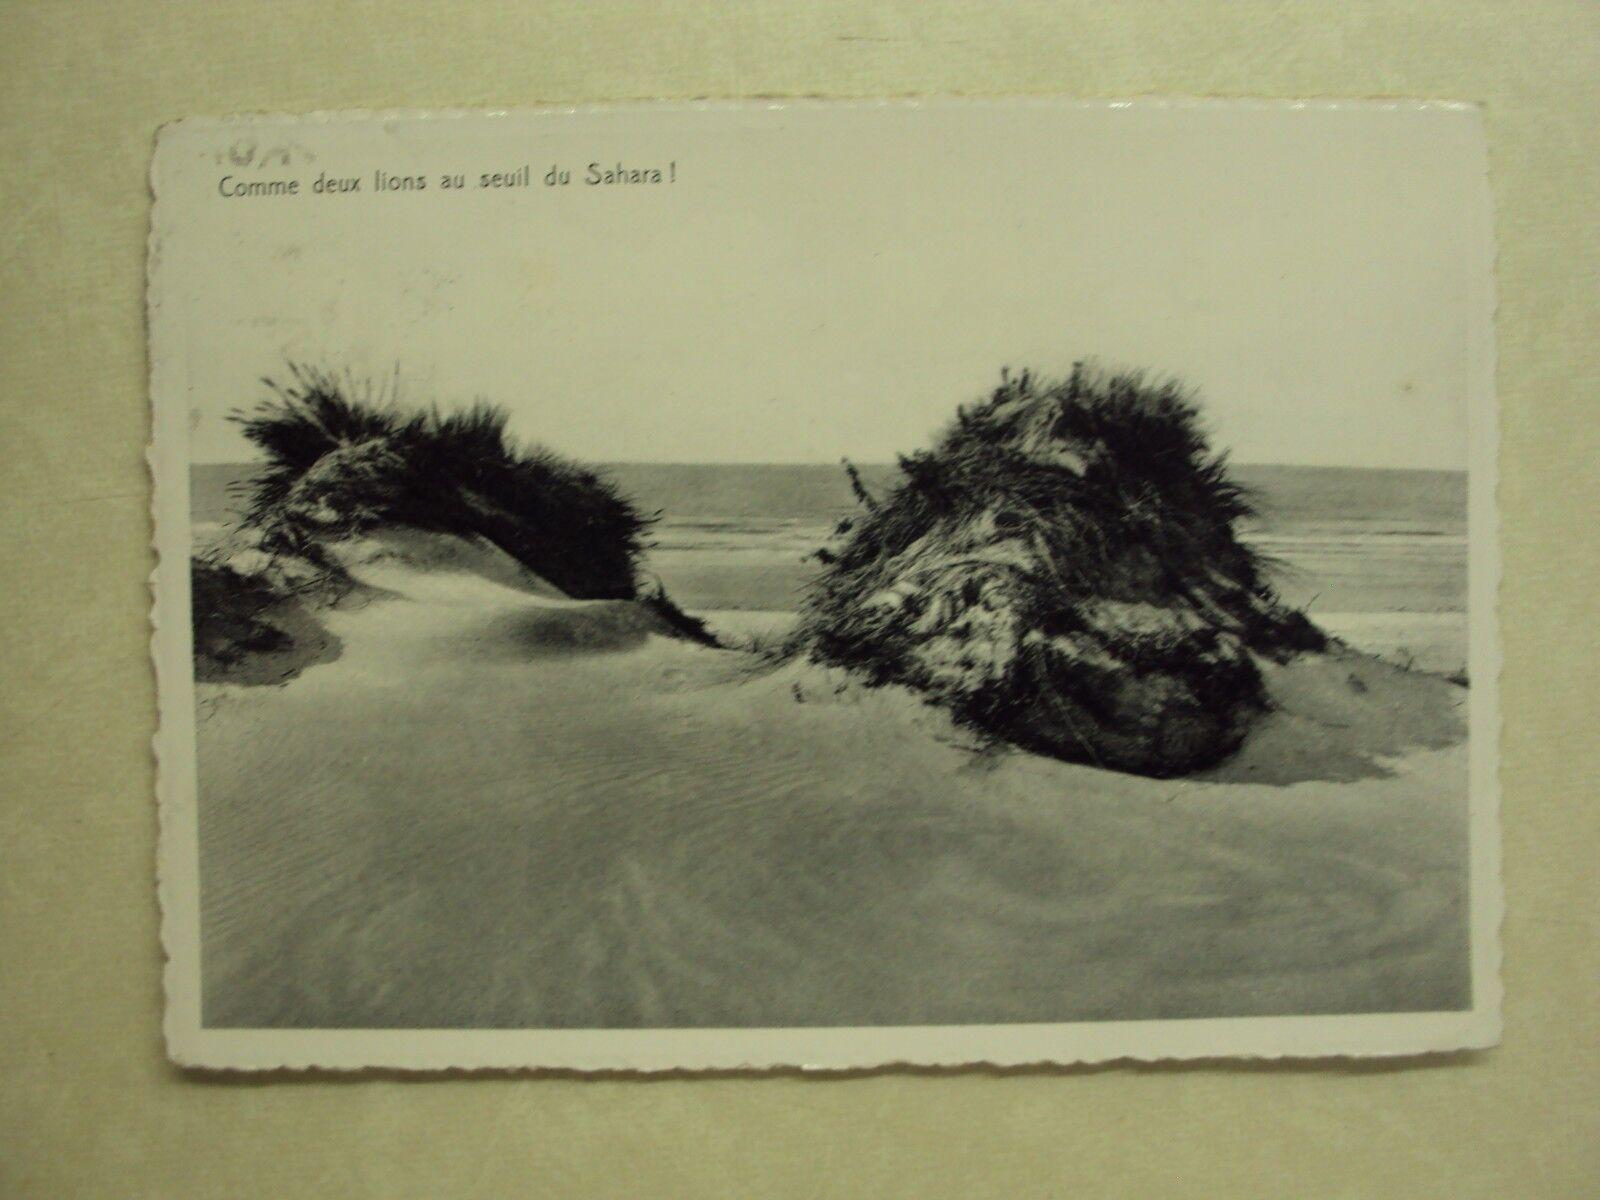 28419 - KOKSIJDE - ST. IDESBALD - COMME DEUX LIONS AU SEUL - ZIE 2 FOTO'S